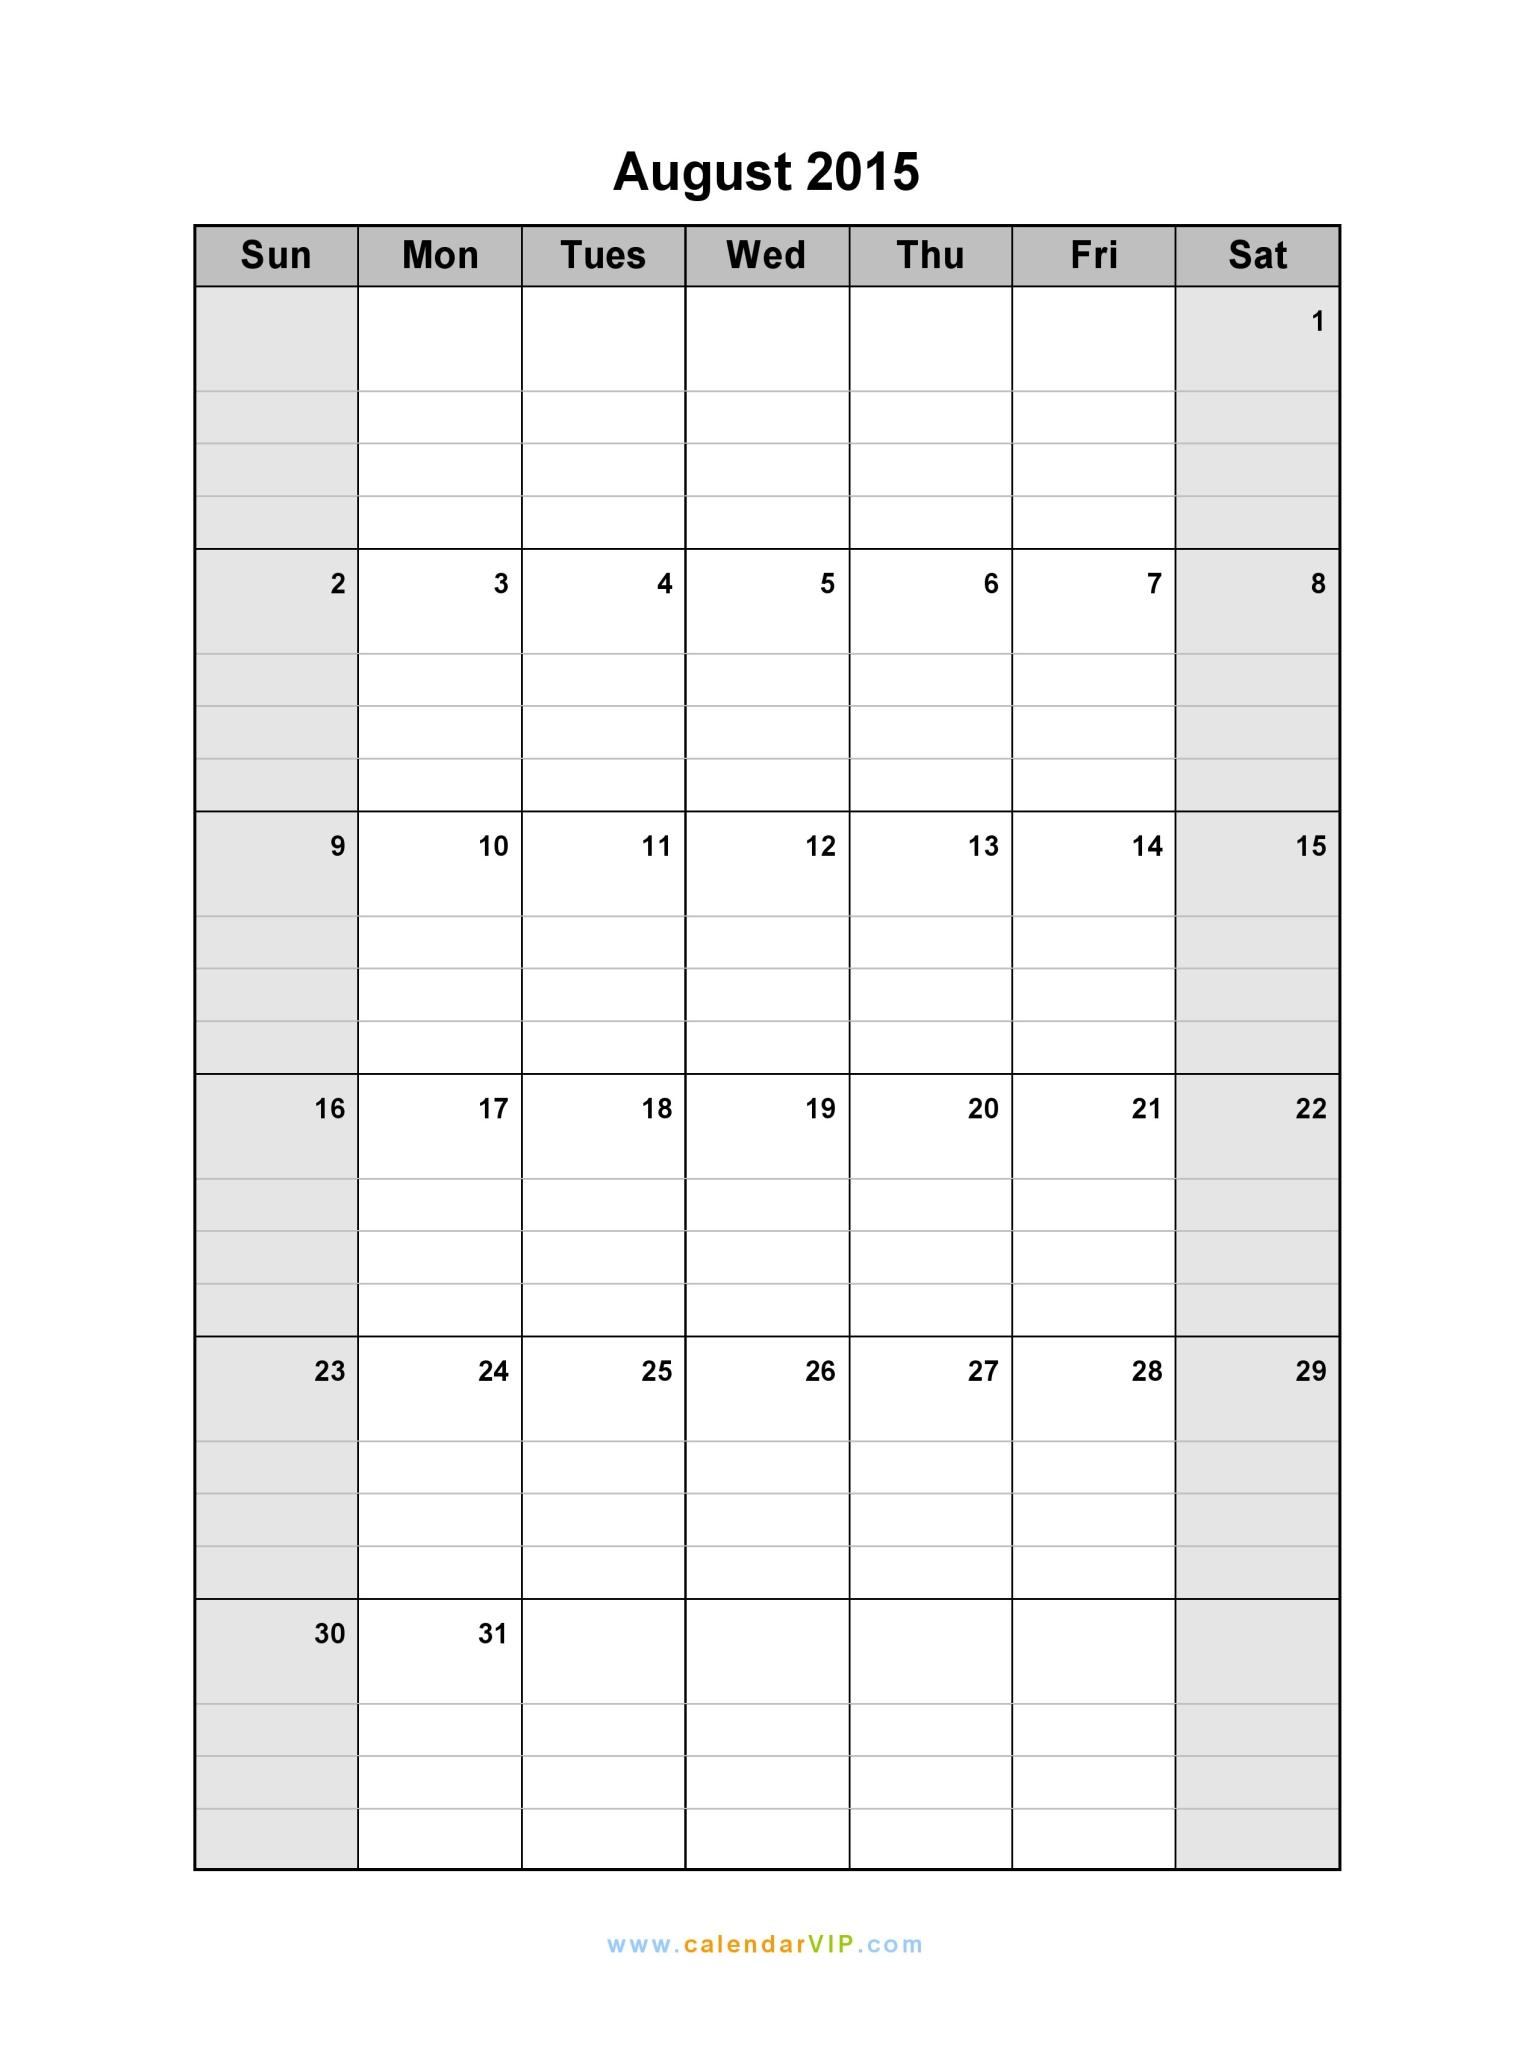 august 2015 calendar august 2015 calendar